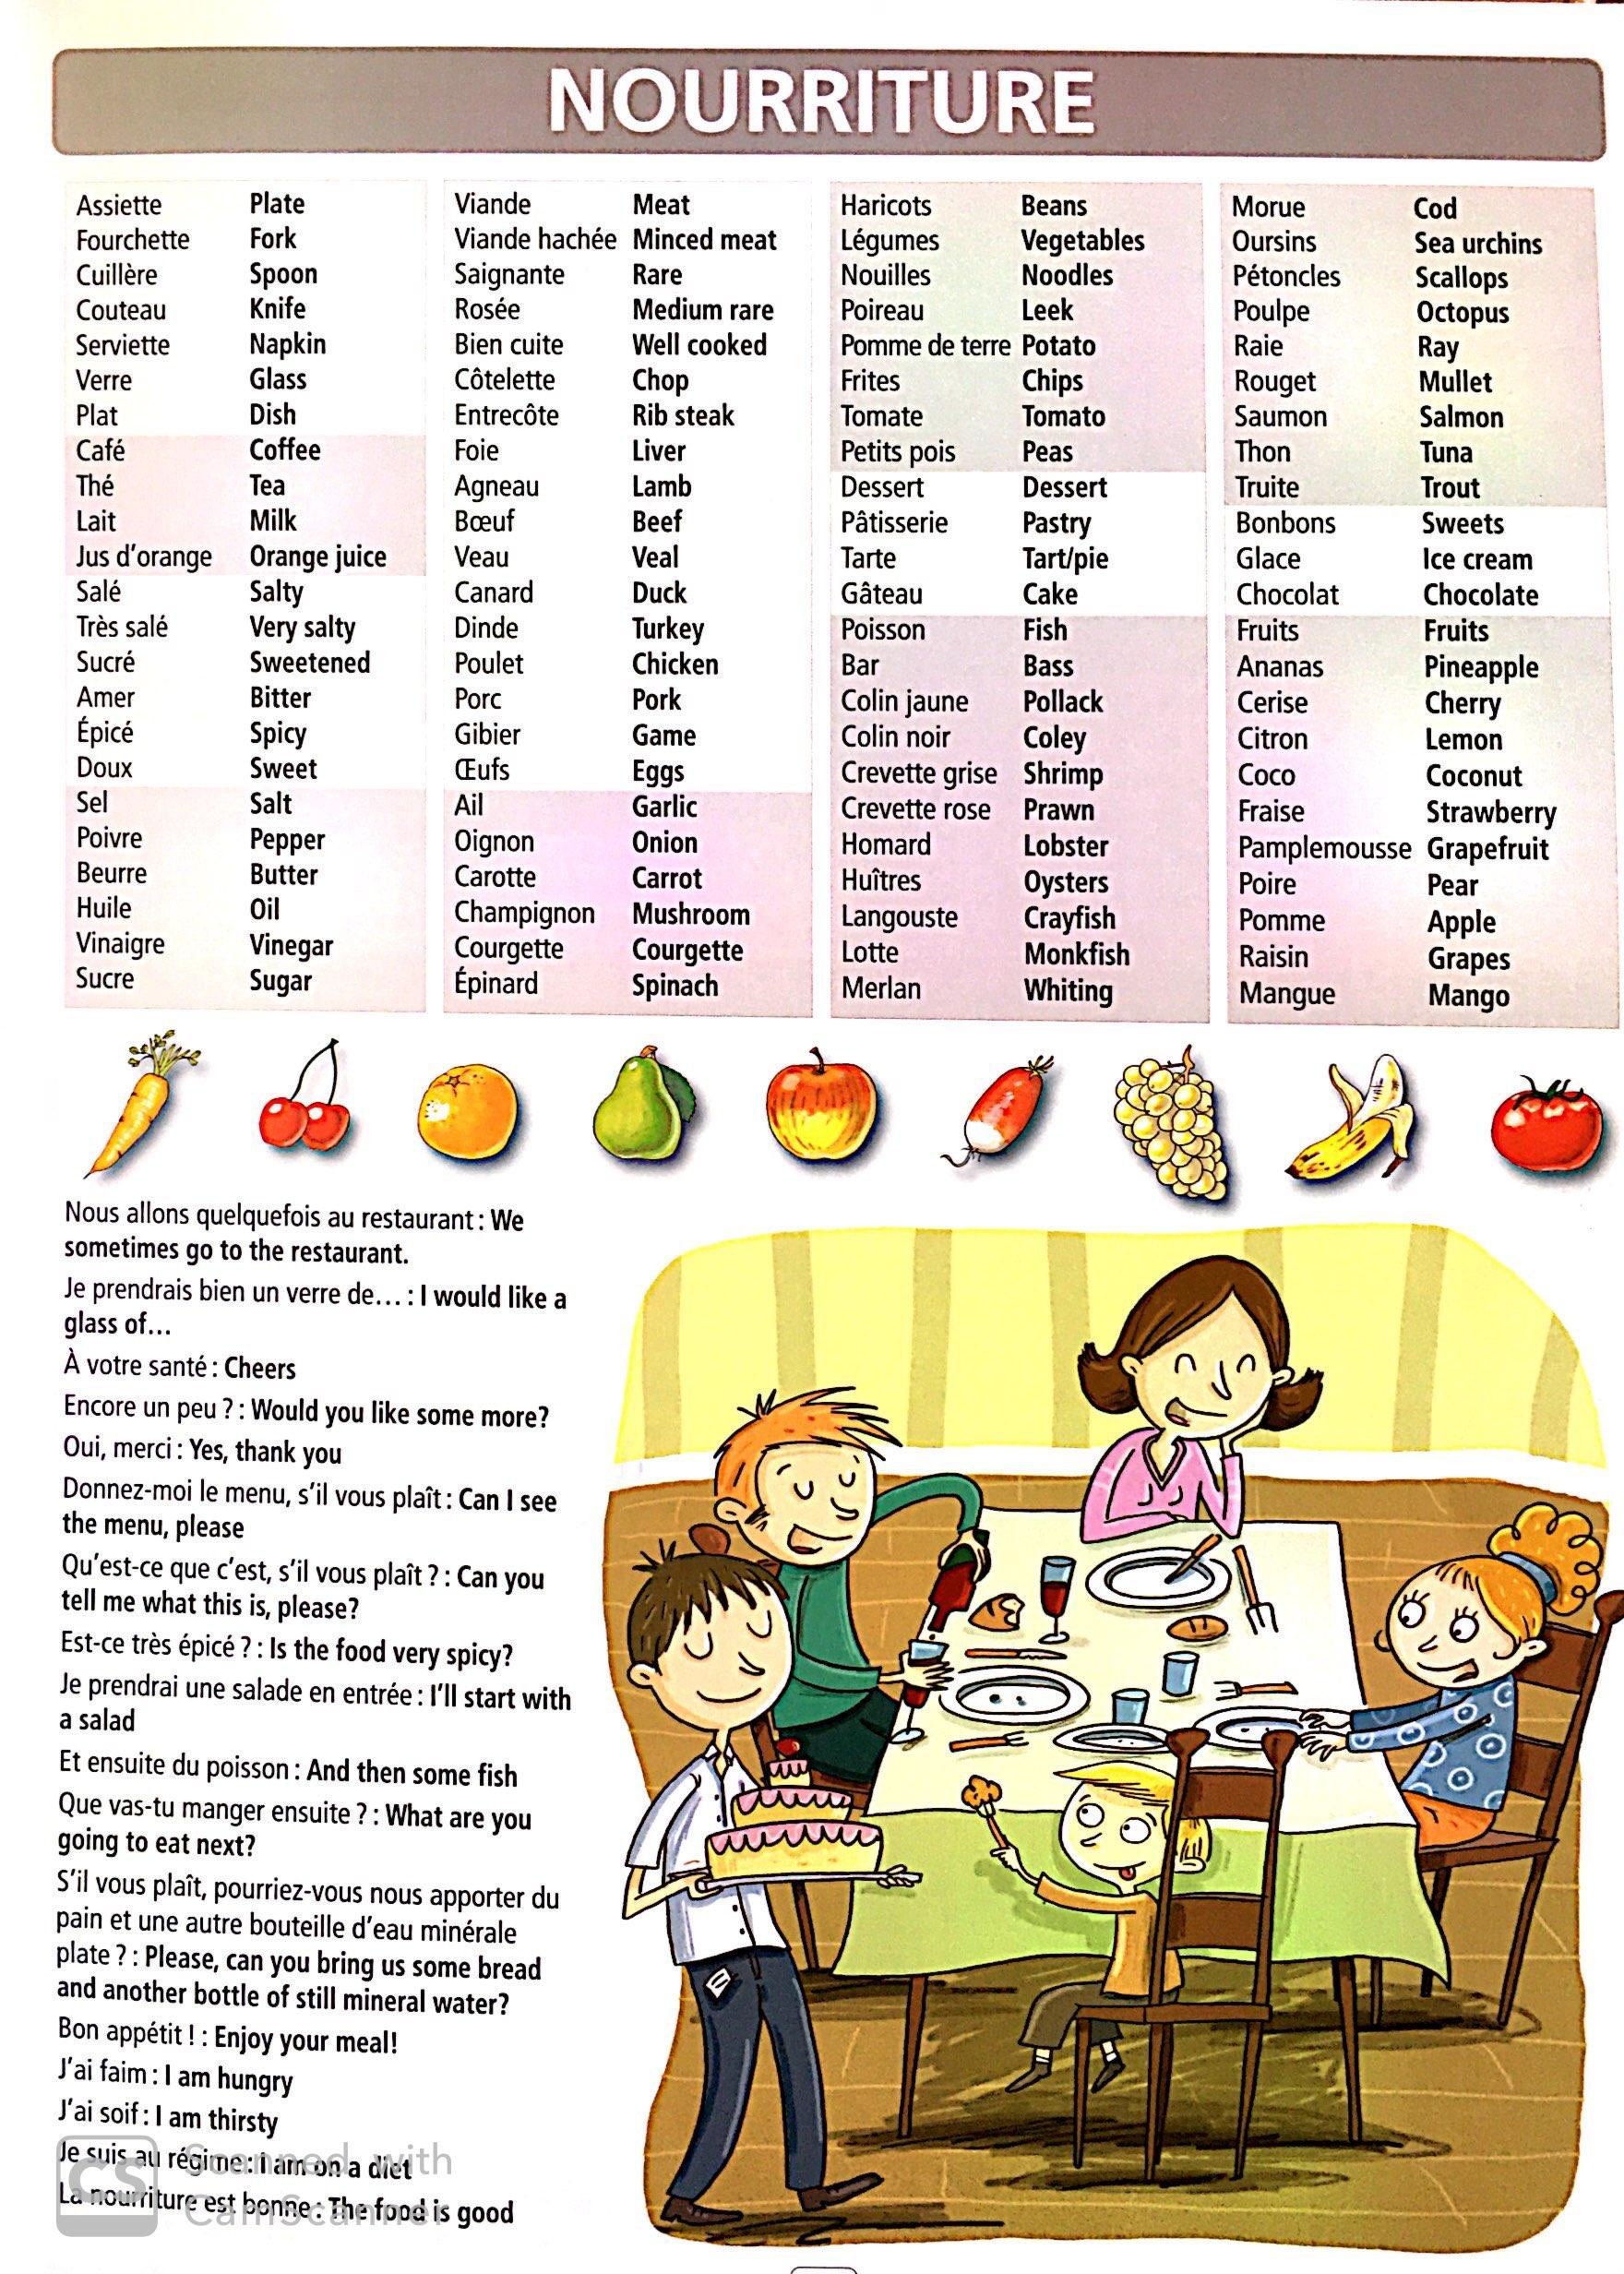 anglais nourriture-1.jpg